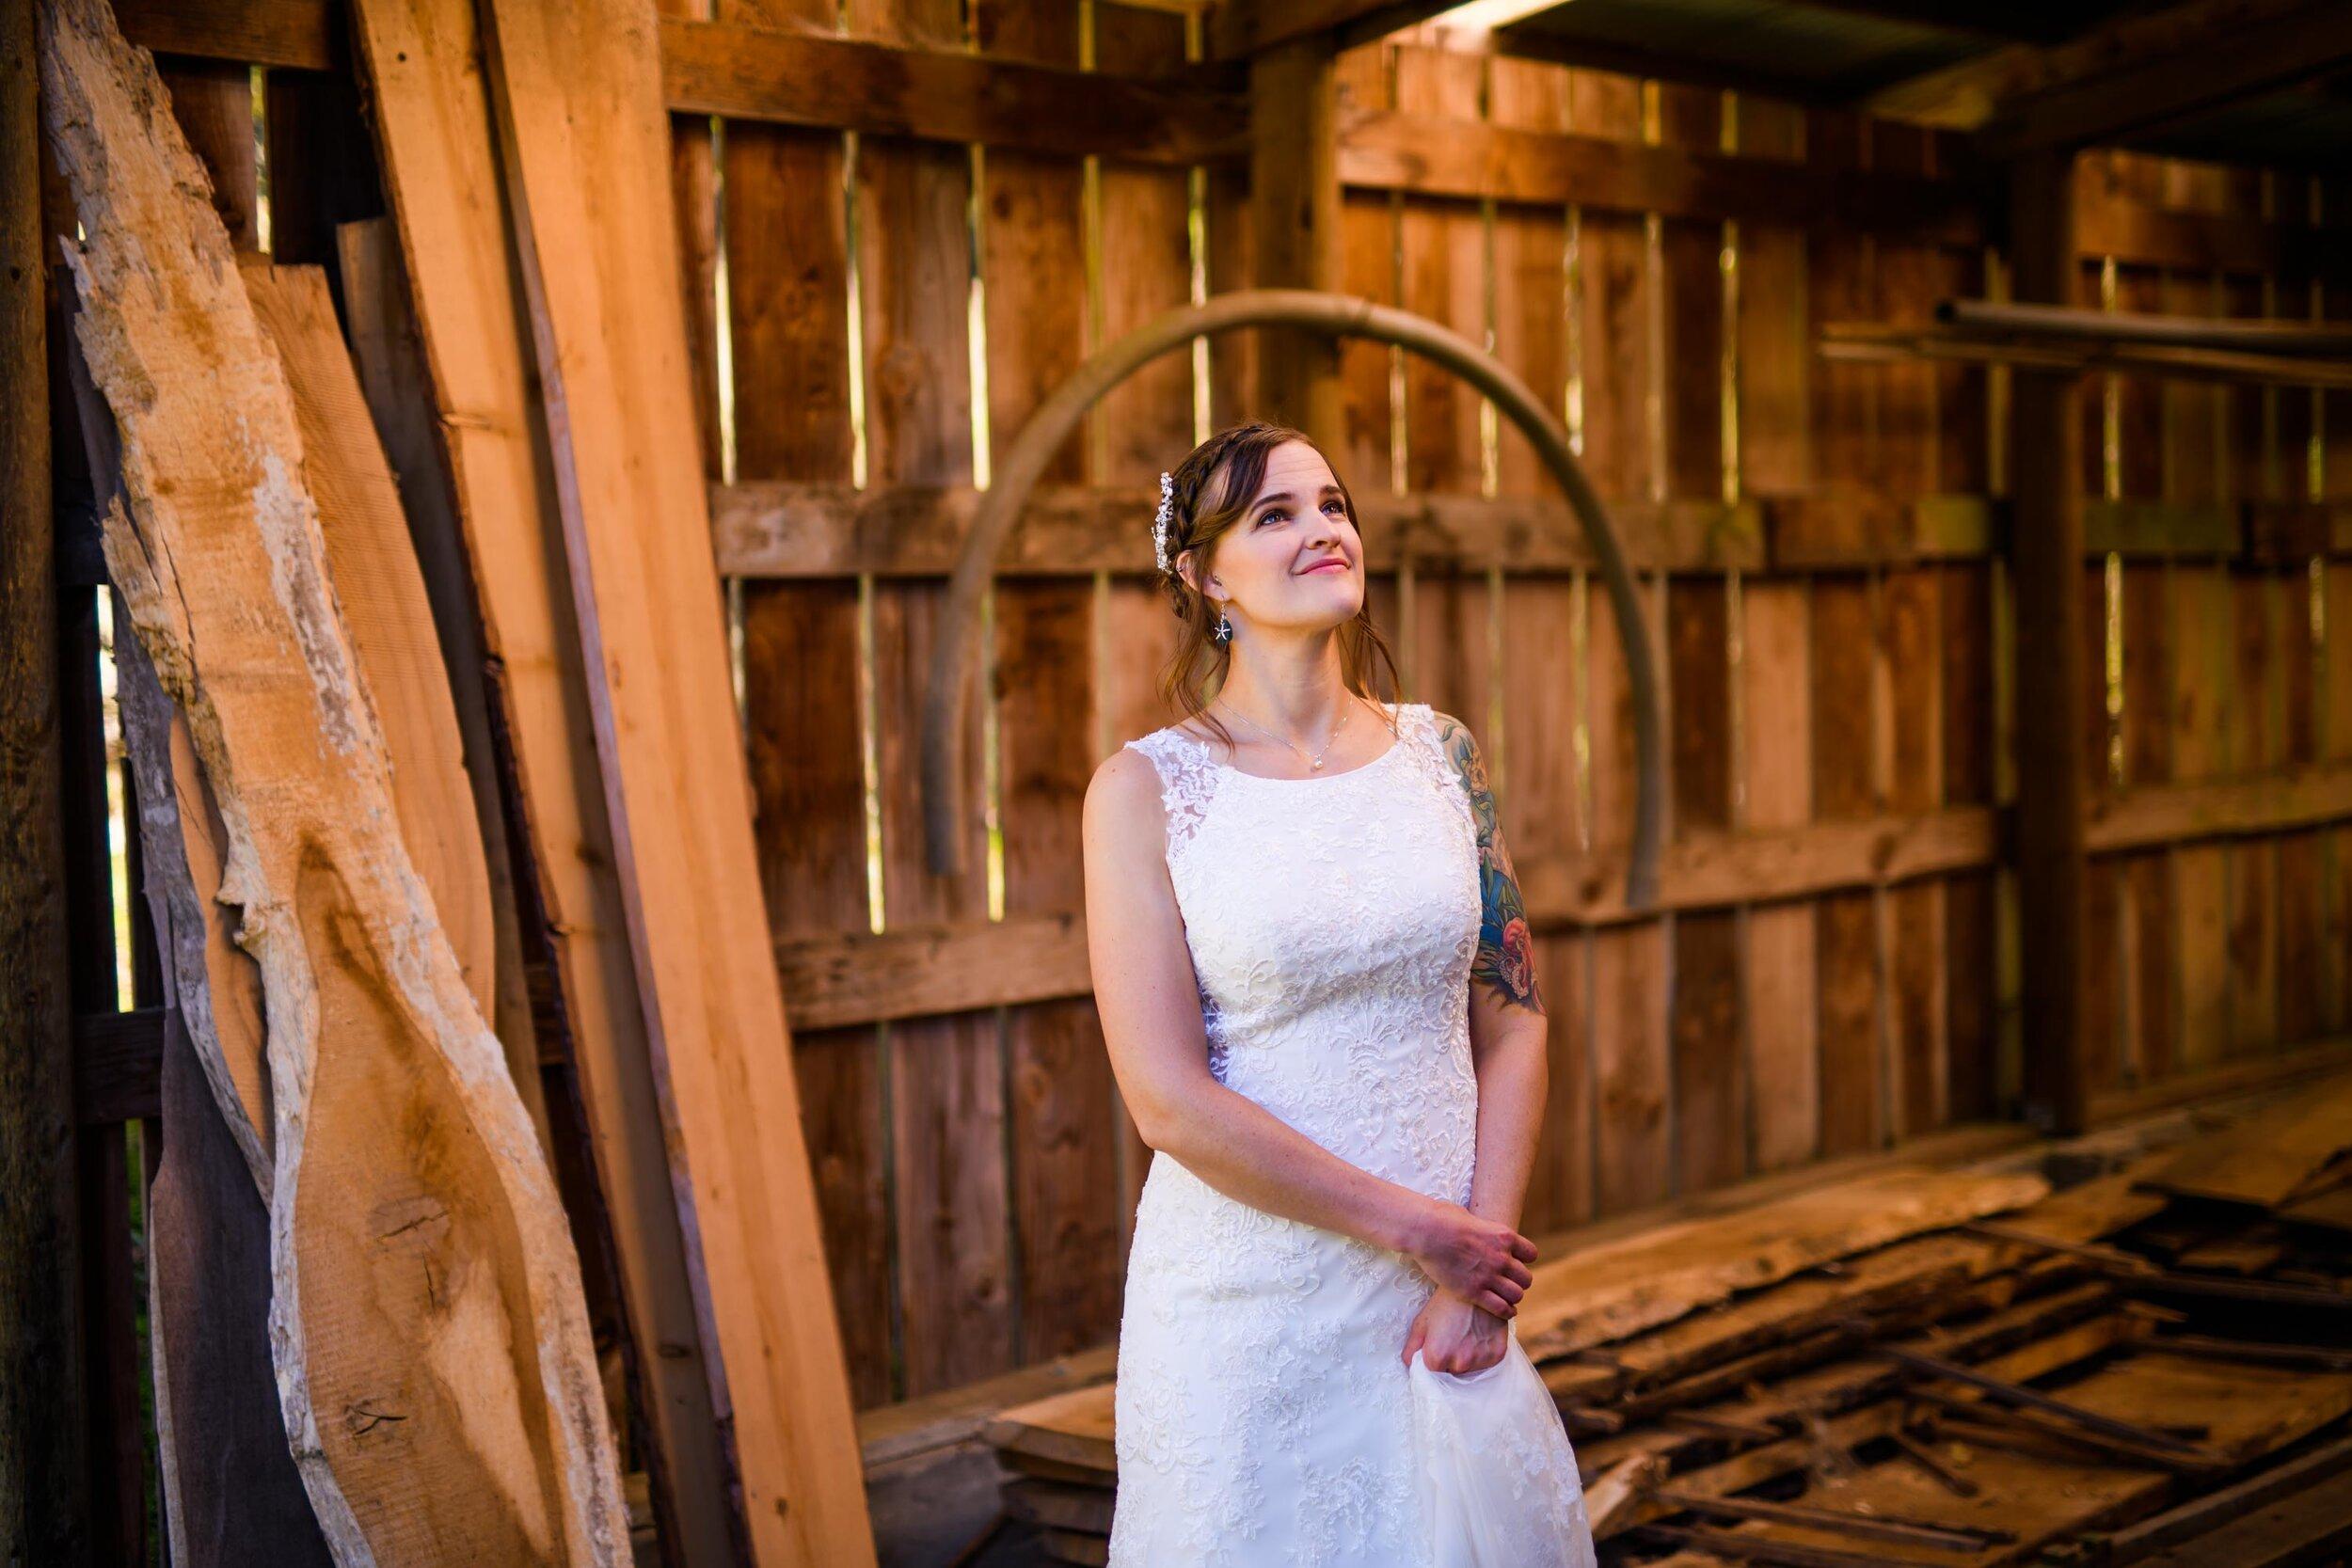 Mt. Pisgah Arboretum wedding photos 55.JPG